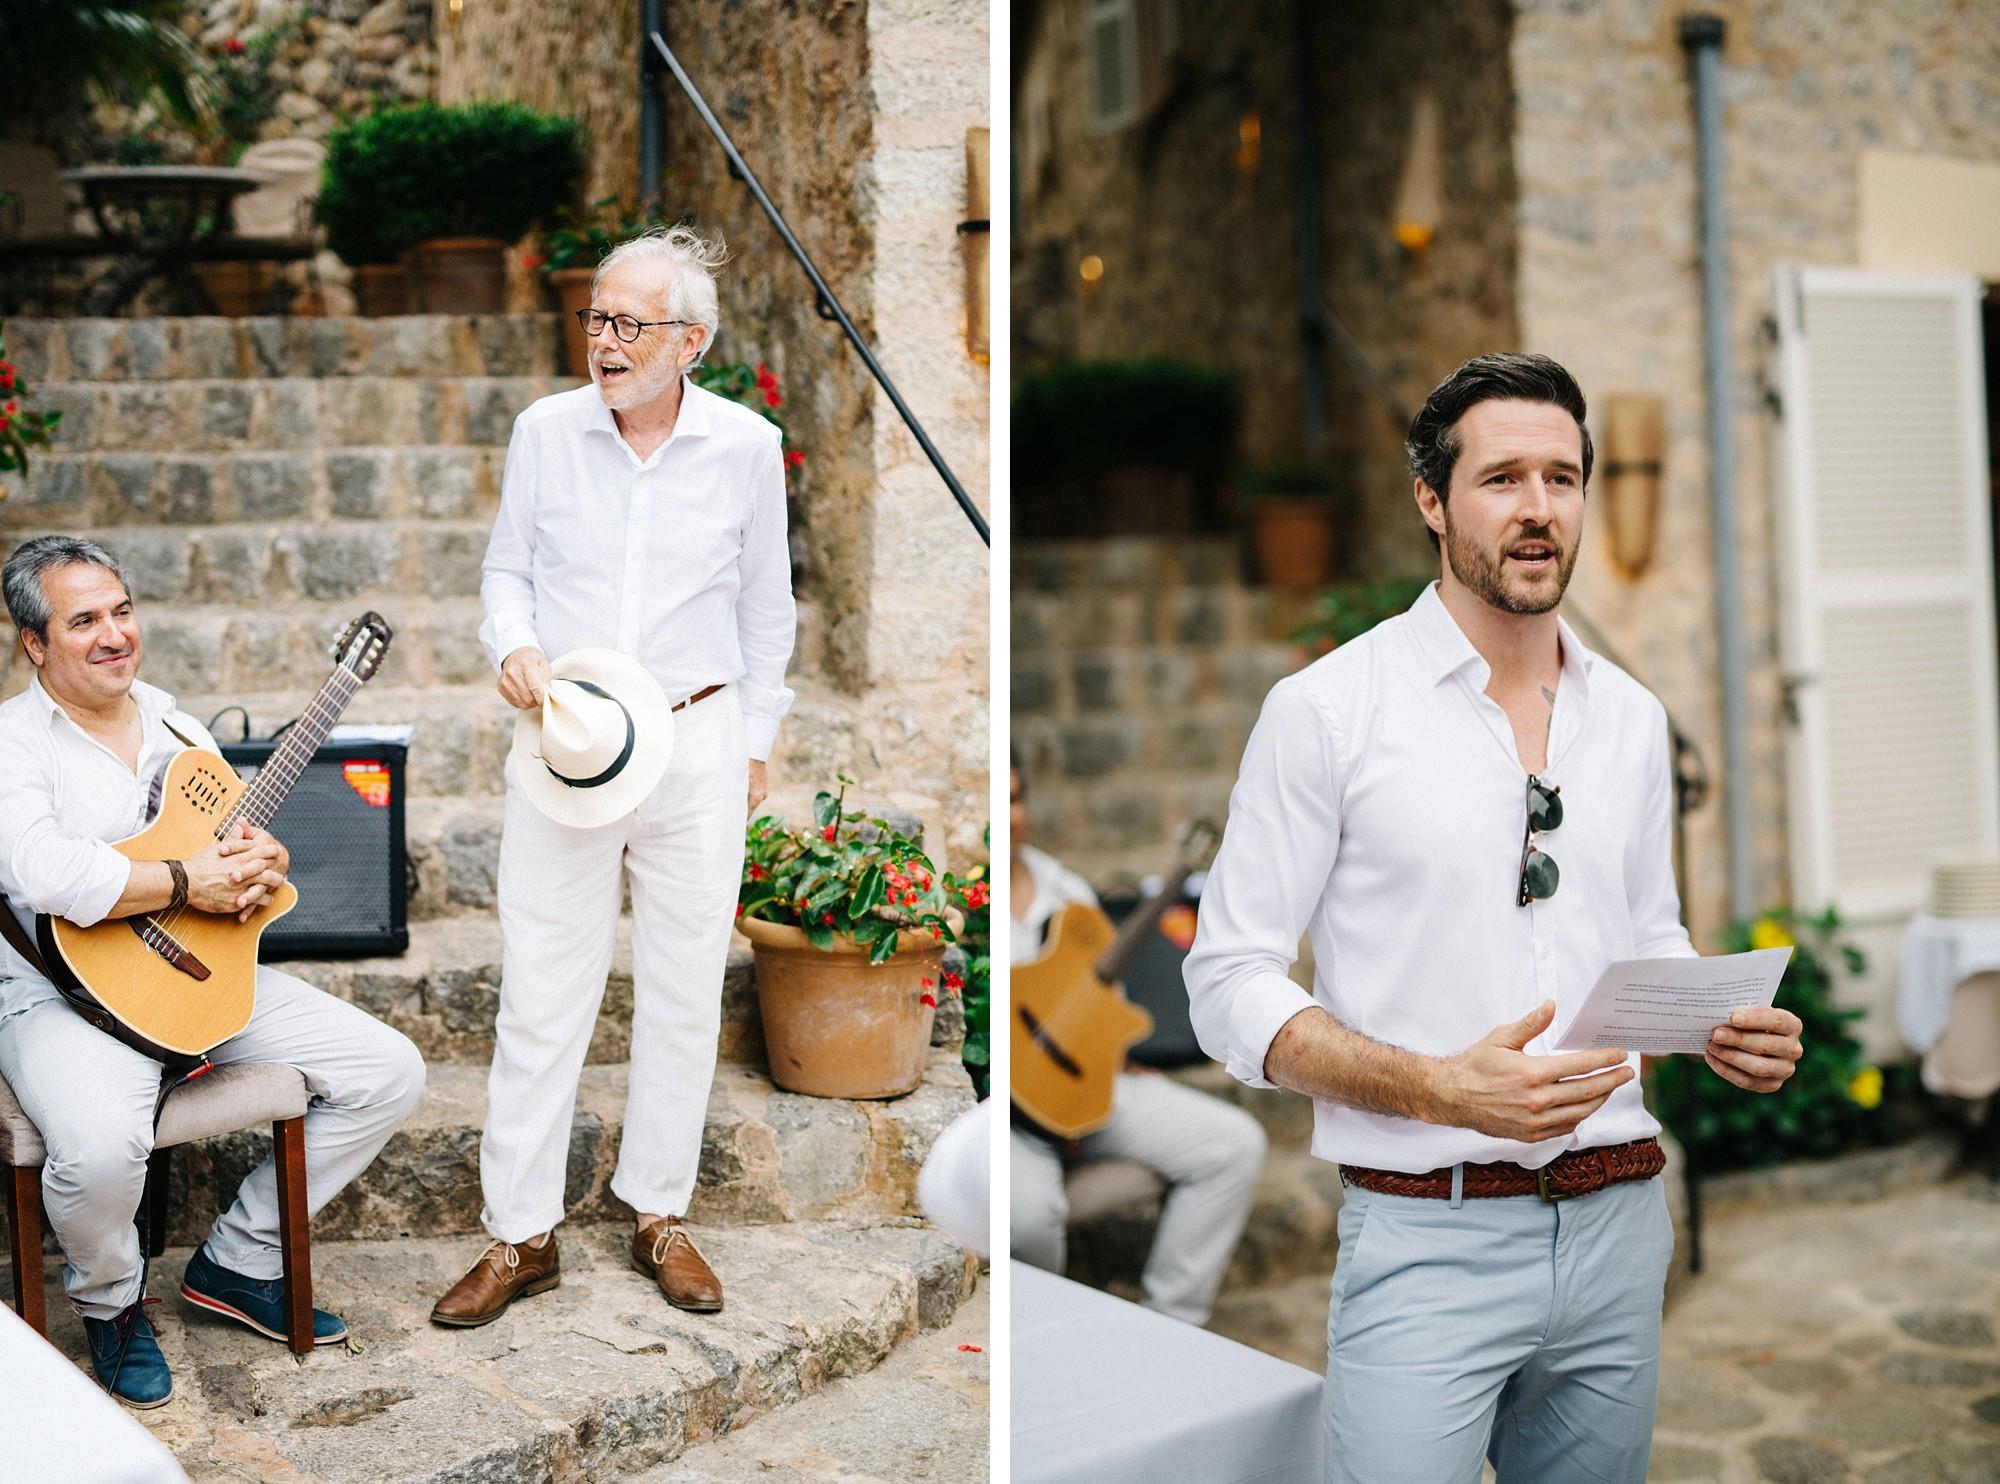 fotografos de boda en valencia barcelona mallorca wedding photographer133.jpg